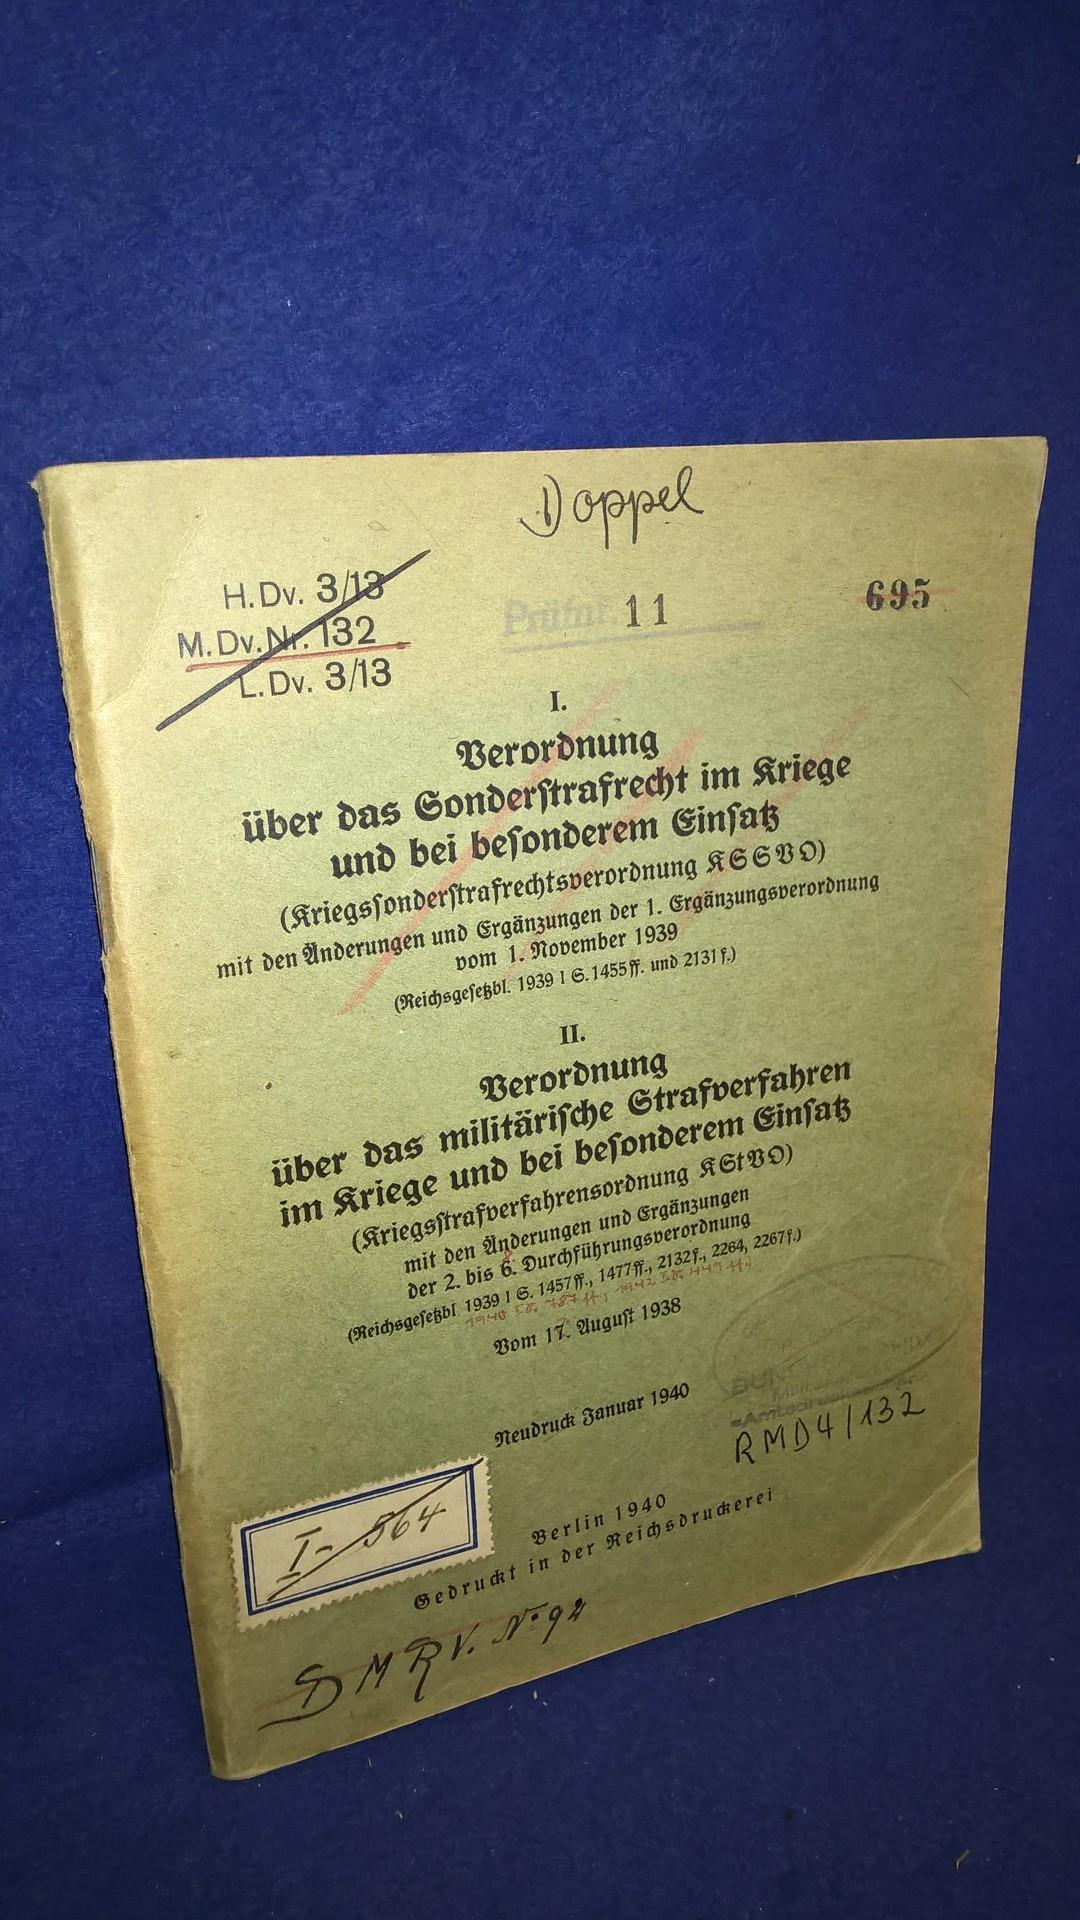 H.Dv. 3/13 M.Dv. Nr. 132 L.Dv. 3/13. I. Verordnung über das Sonderstrafrecht im Kriege und bei besonderem Einsatz (Kriegssonderstrafrechtsverordnung) II. Verordnung über das militärische Strafverfahren im Kriege und bei besonderem Einsatz (Kriegsstrafverf